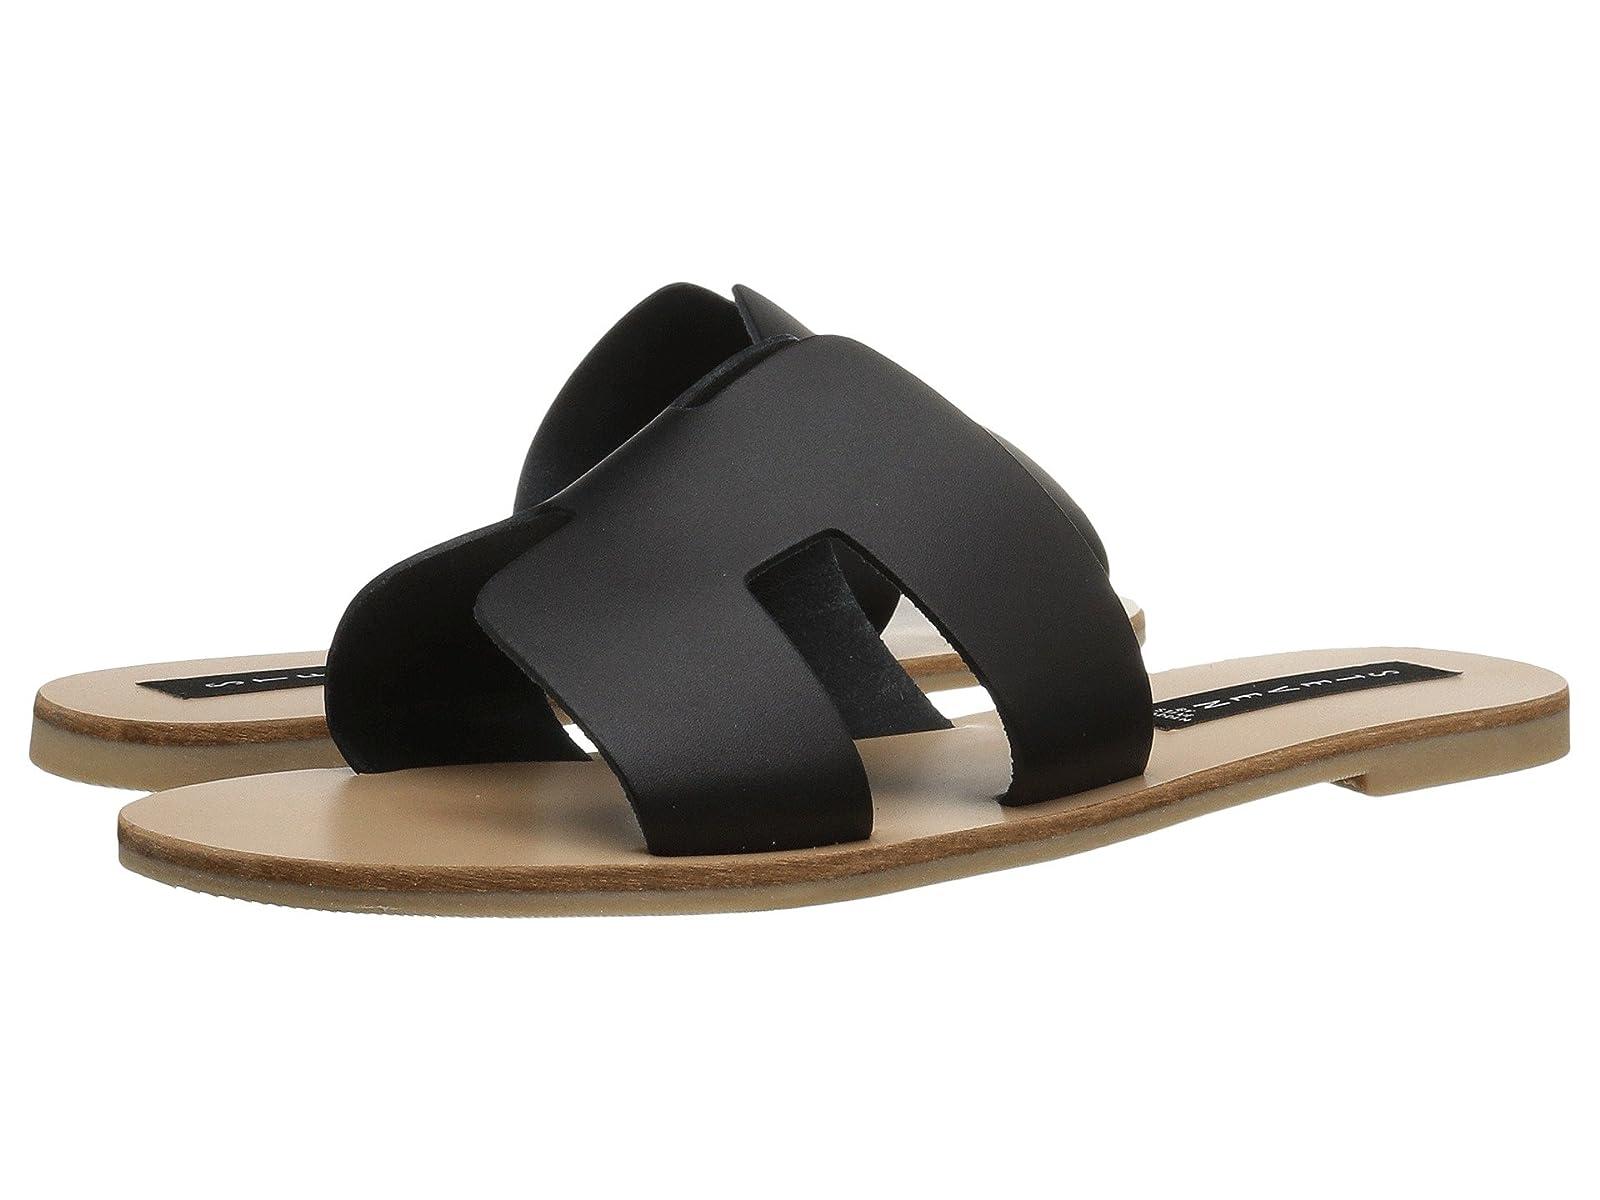 Steven Greece SandalAtmospheric grades have affordable shoes